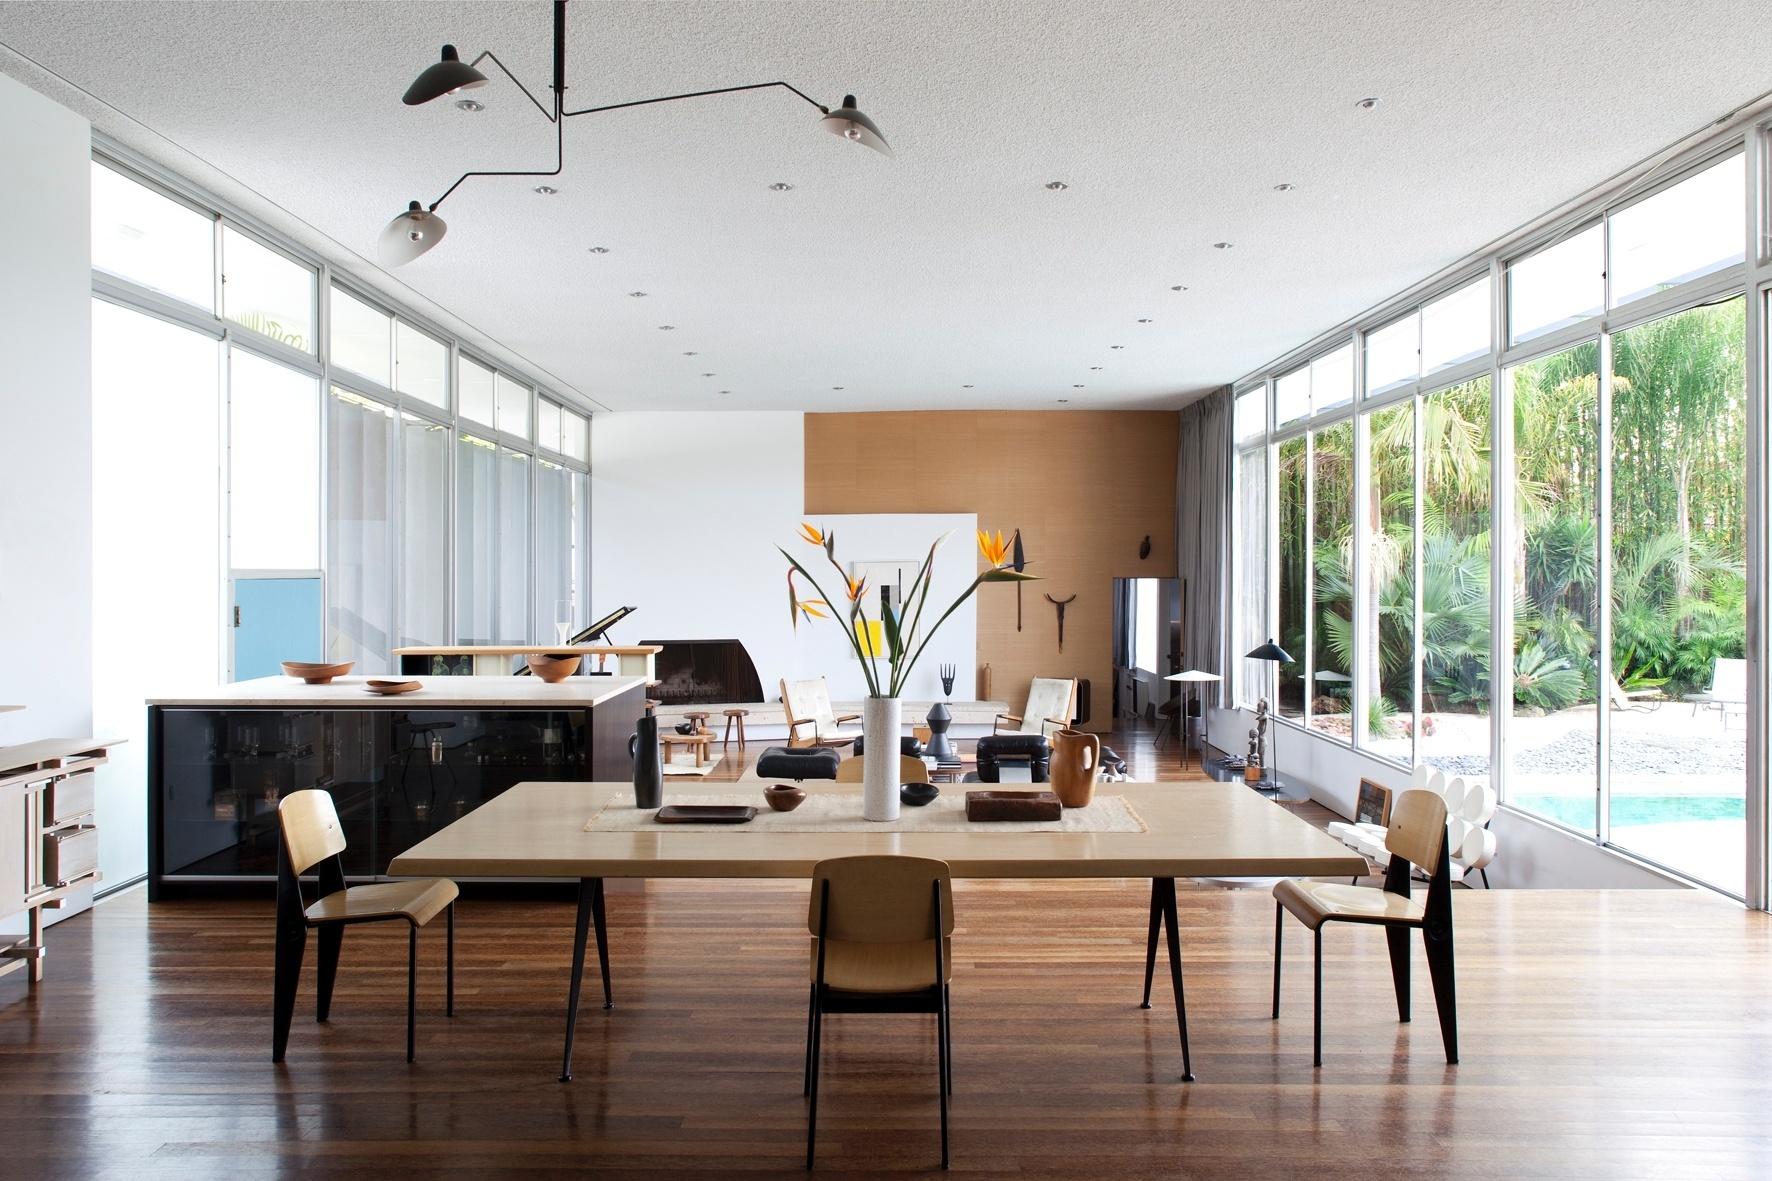 A sala, com 68 m de comprimento, divide-se em estar e jantar (primeiro plano) e é completamente envidraçada. O espaço é construído em desnível, mas a linguagem sessentista do mobiliário e a clareza das formas fazem a integração do espaço luminoso projetado por Oscar Niemeyer em 1964